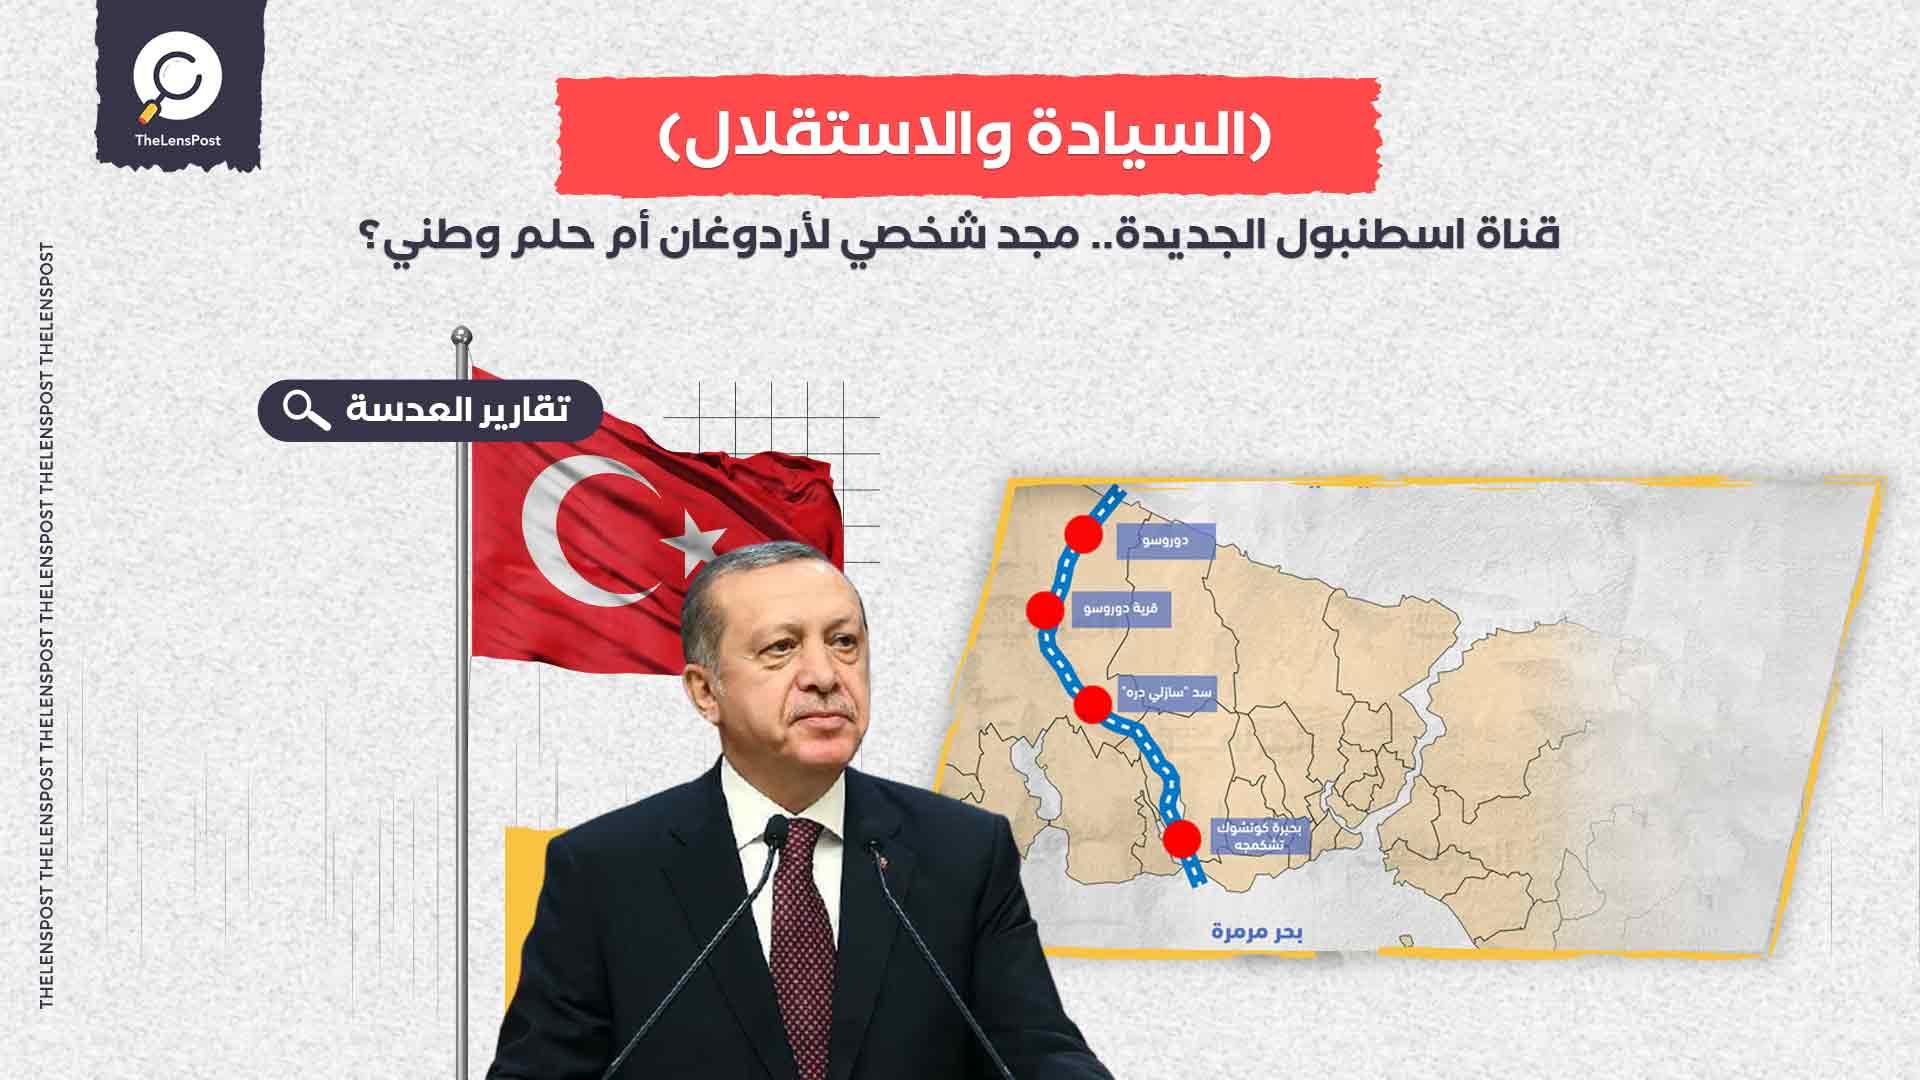 قناة اسطنبول الجديدة.. مجد شخصي لأردوغان أم حلم وطني؟